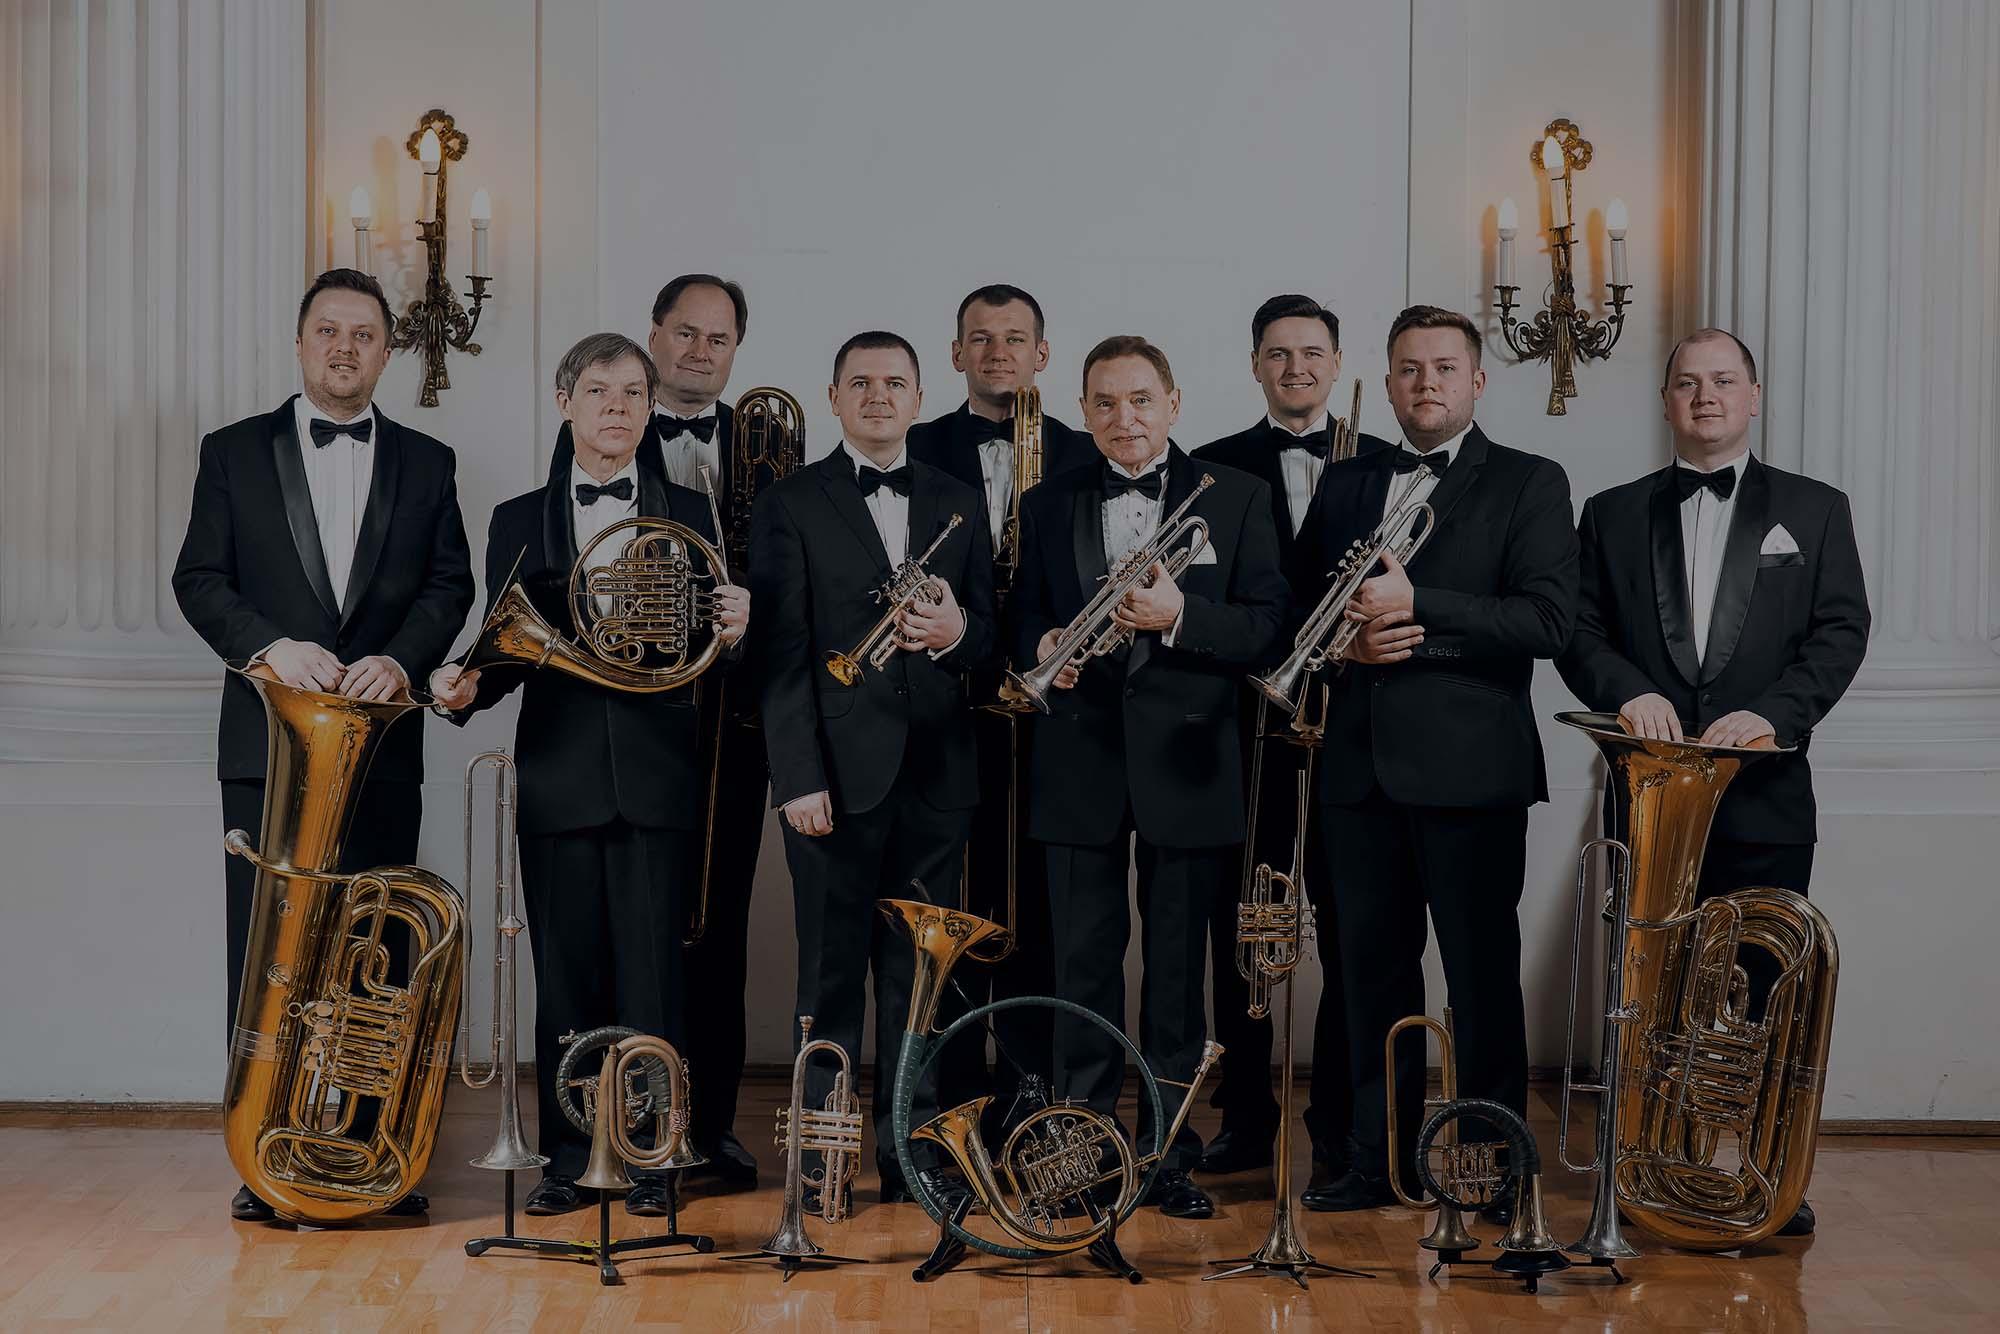 Capella Zamku Rydzyńskiego to kwintet instrumentów dętych blaszanych – dwie trąbki, róg, puzon, tuba.